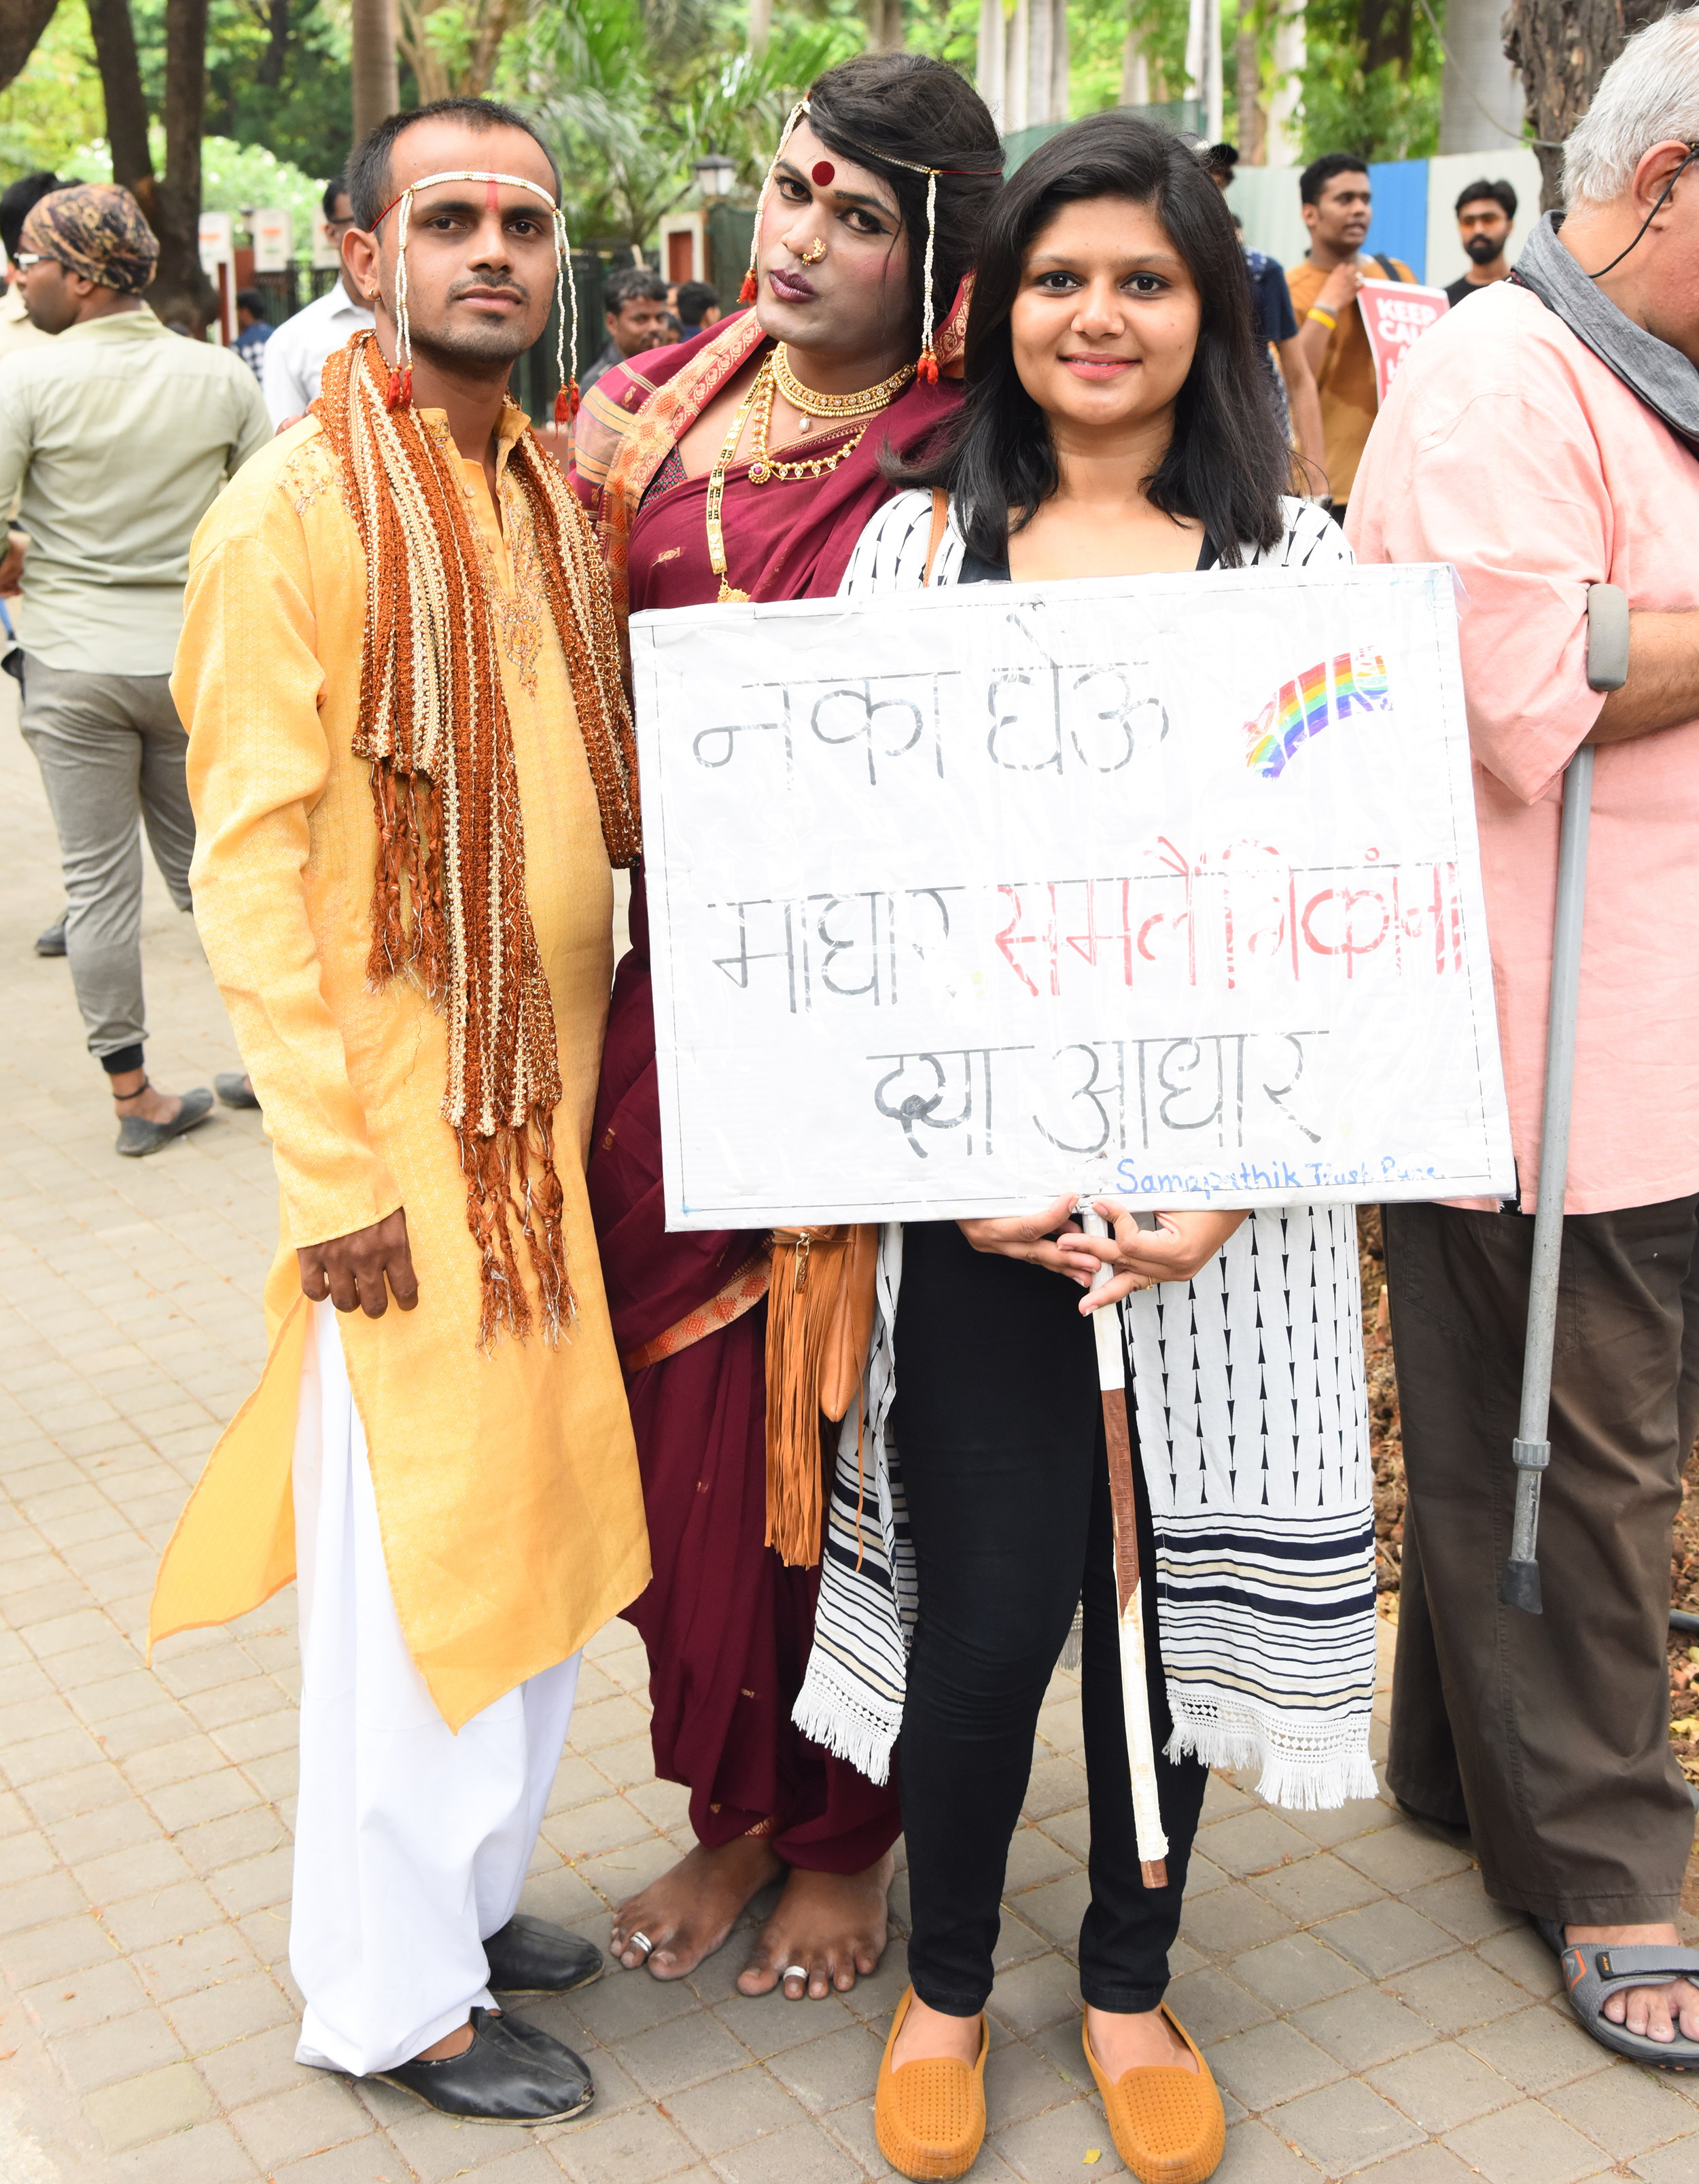 Indian guys gay Indian Gay